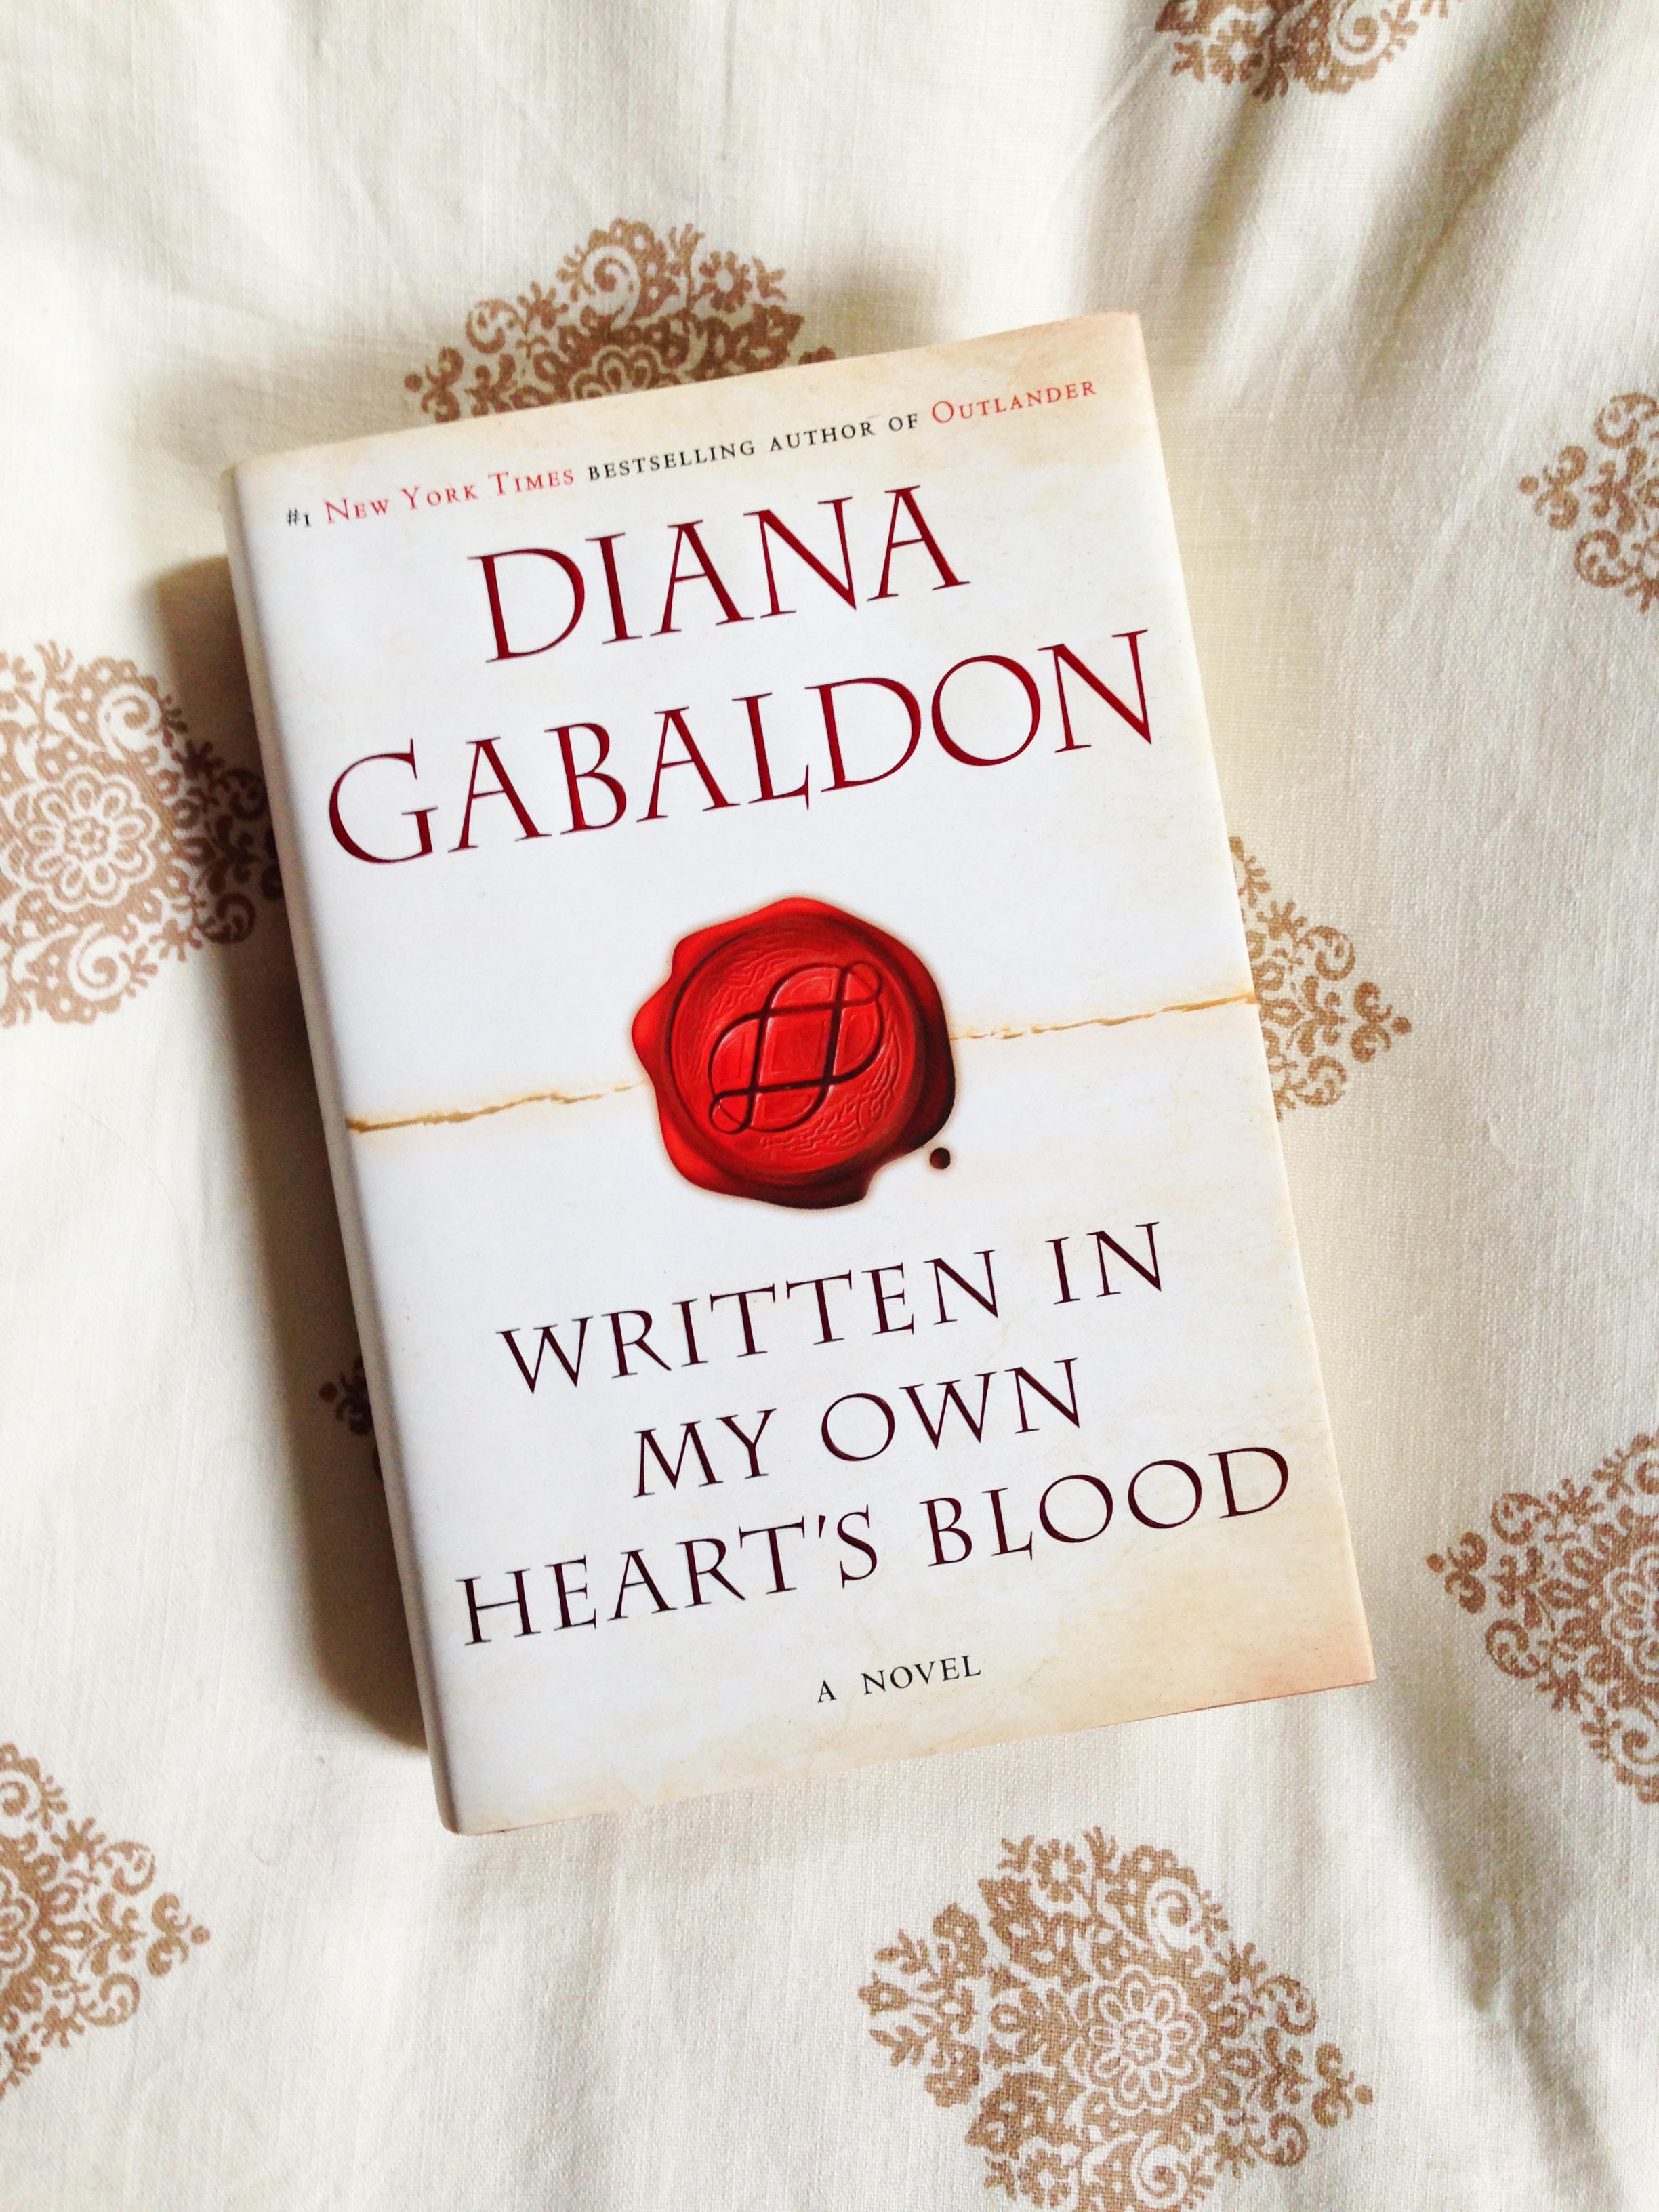 written in my own hearts blood by diana gabaldon